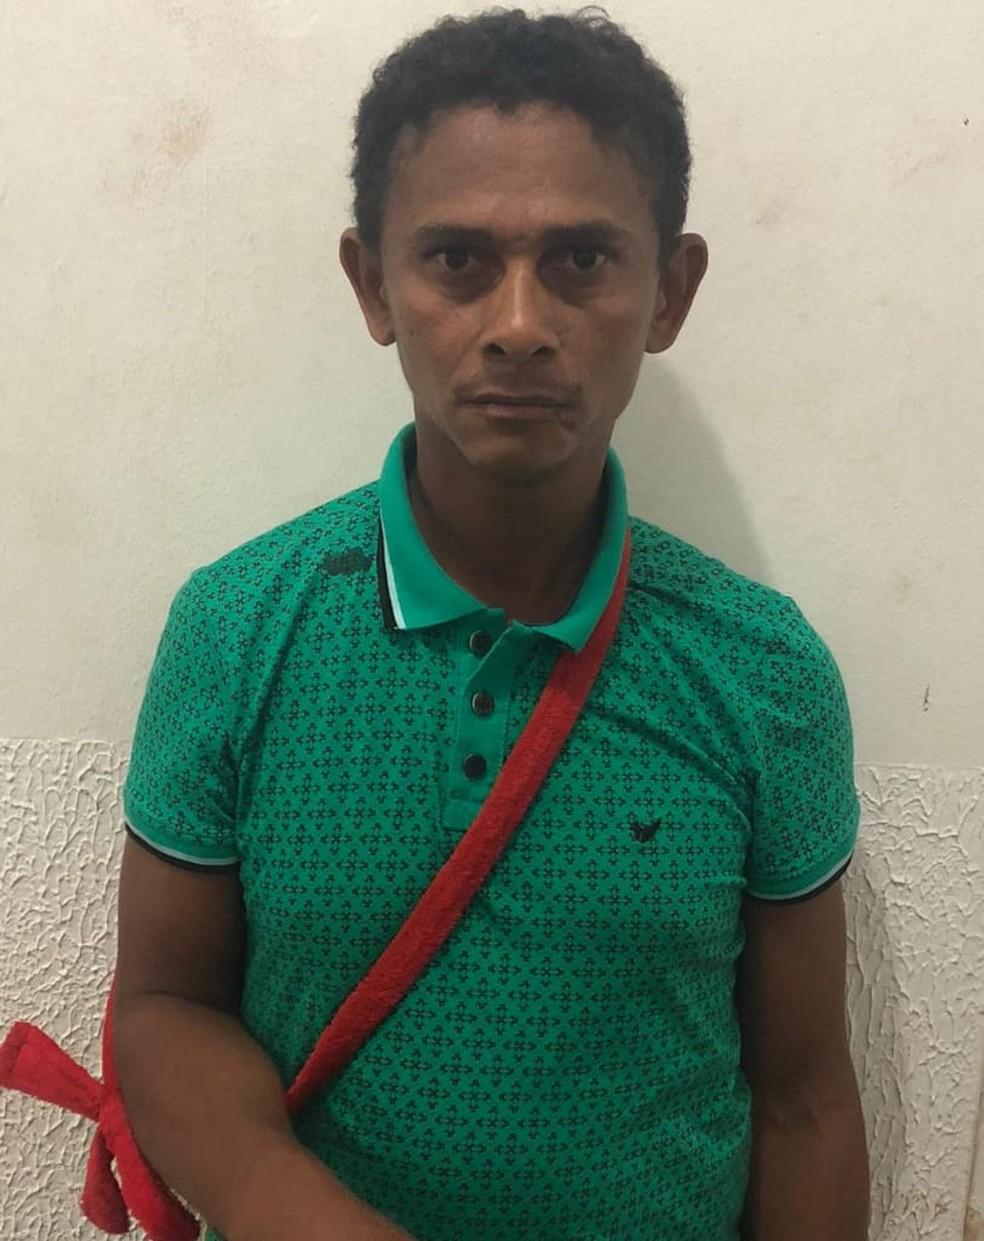 Gilvan Sousa Luiz é suspeito de ter abusado sexualmente de uma criança de apenas 5 anos em Impertariz — Foto: Divulgação/Polícia